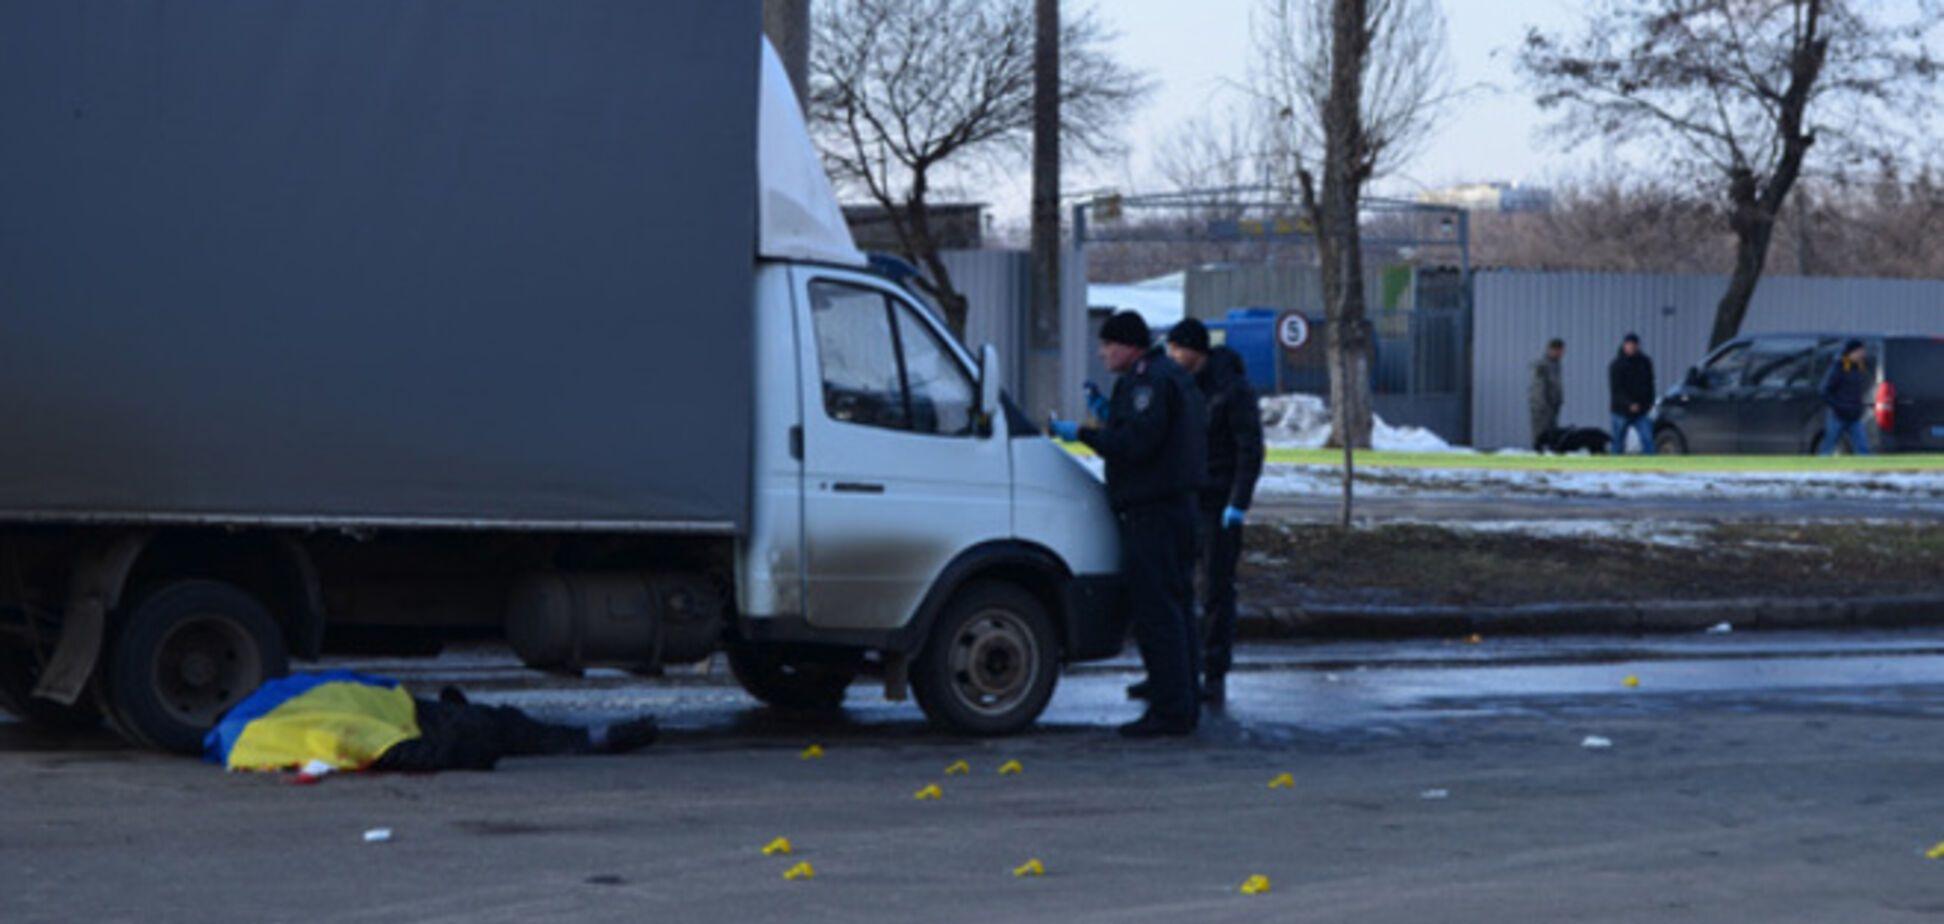 Методы Путина те же, Москва лишила себя шанса на прощение - соцсети о теракте в Харькове